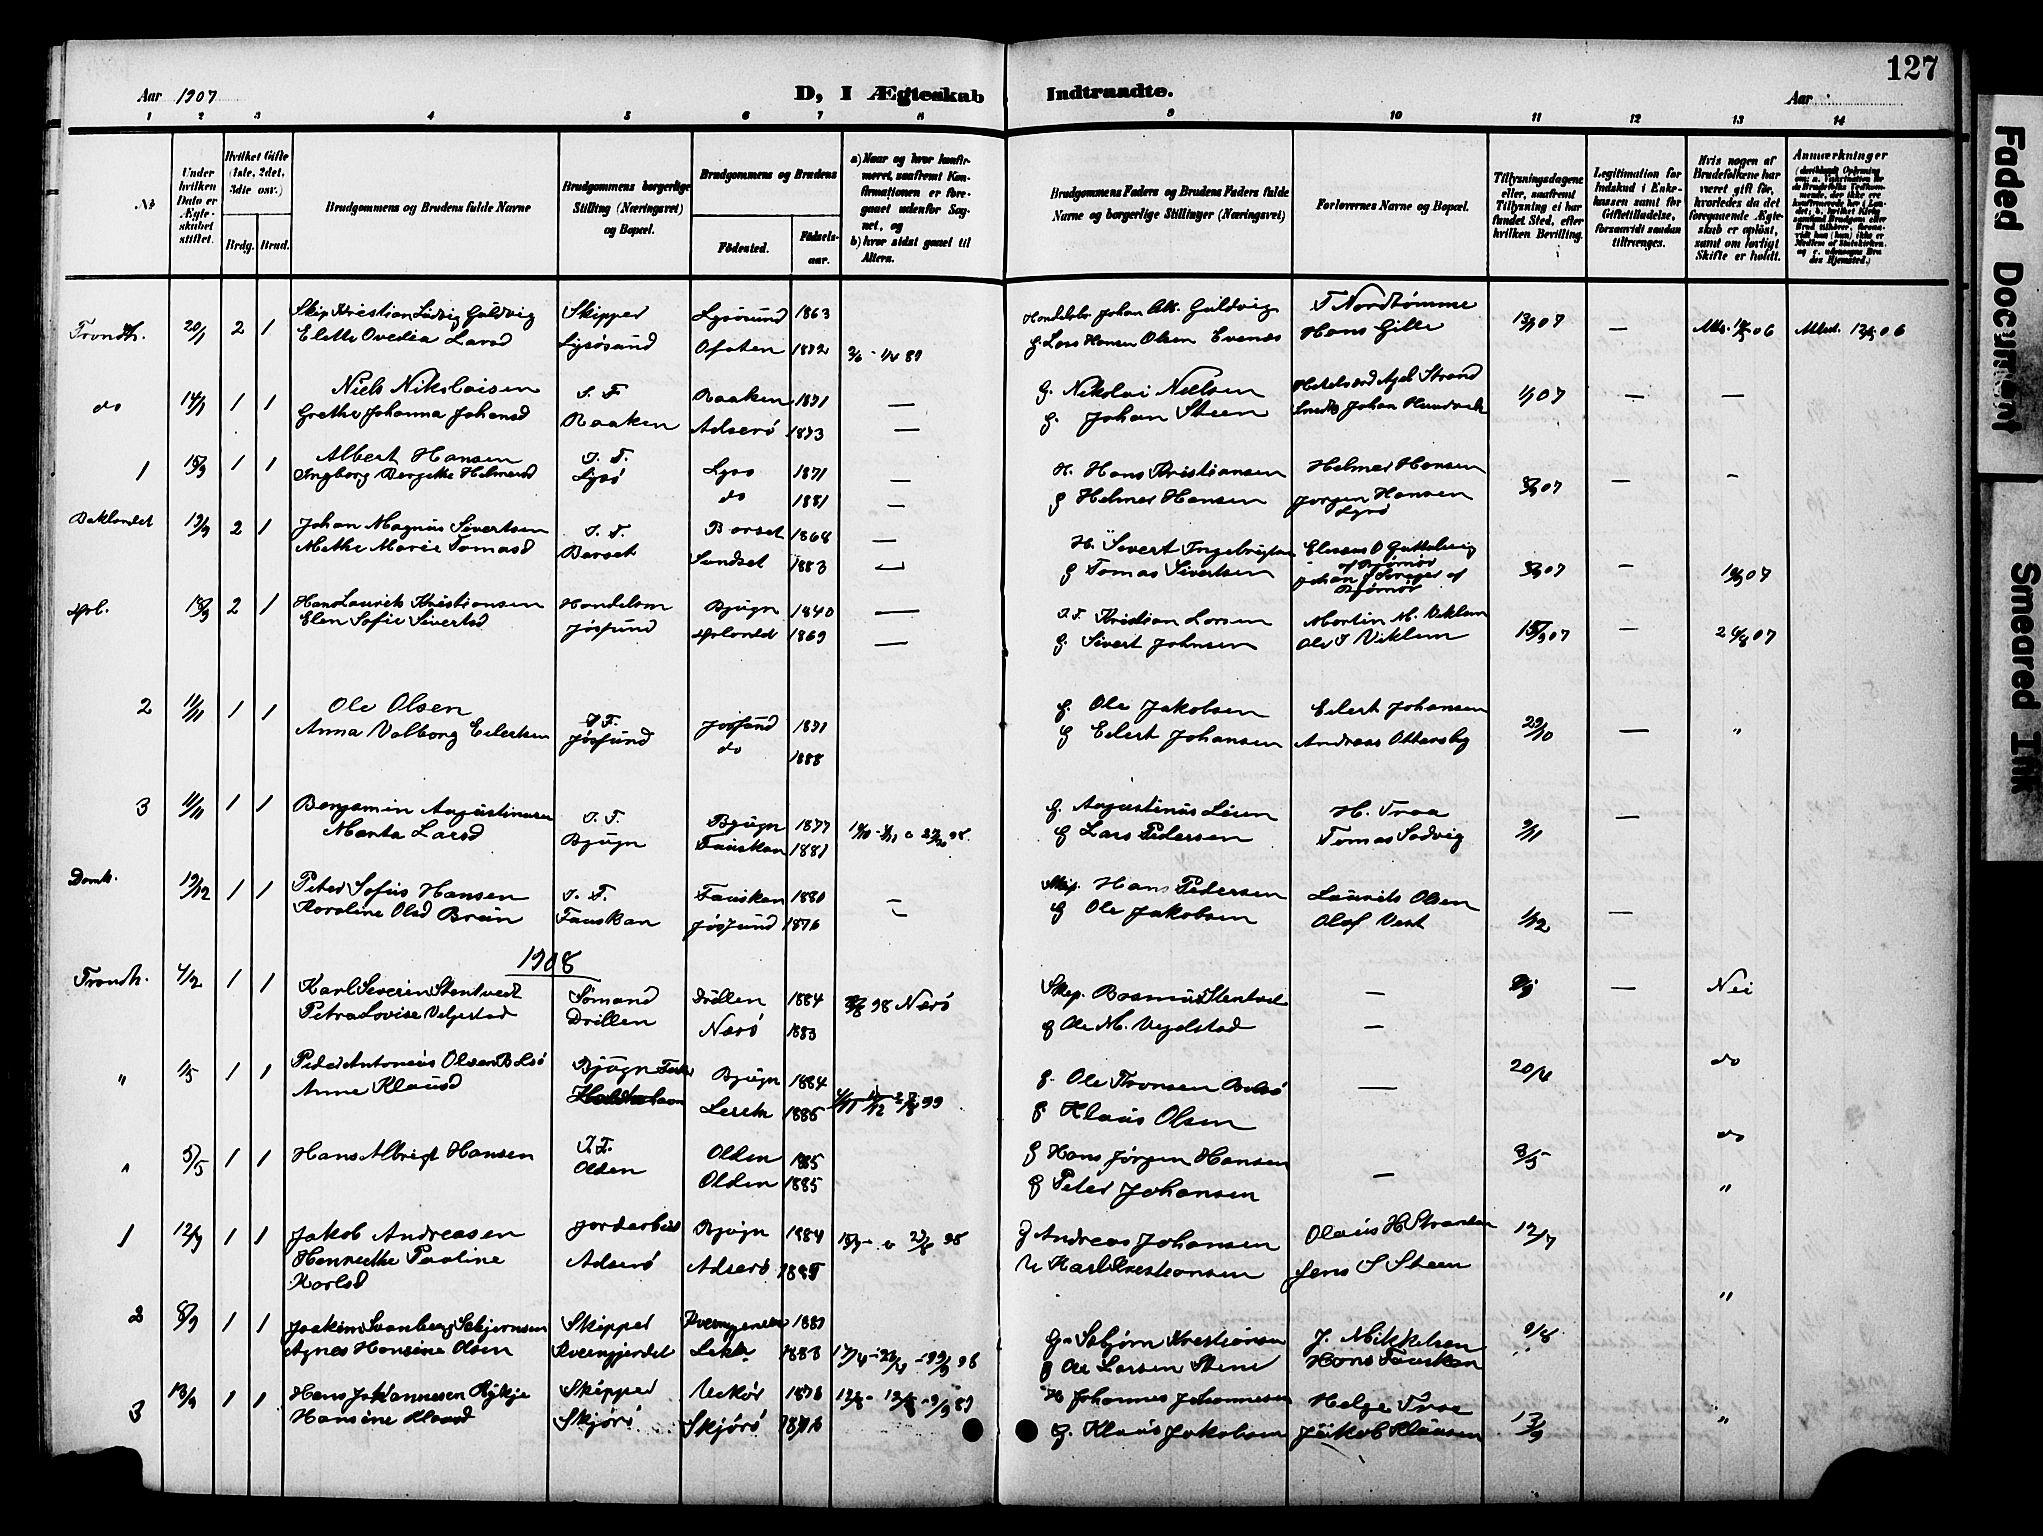 SAT, Ministerialprotokoller, klokkerbøker og fødselsregistre - Sør-Trøndelag, 654/L0666: Klokkerbok nr. 654C02, 1901-1925, s. 127